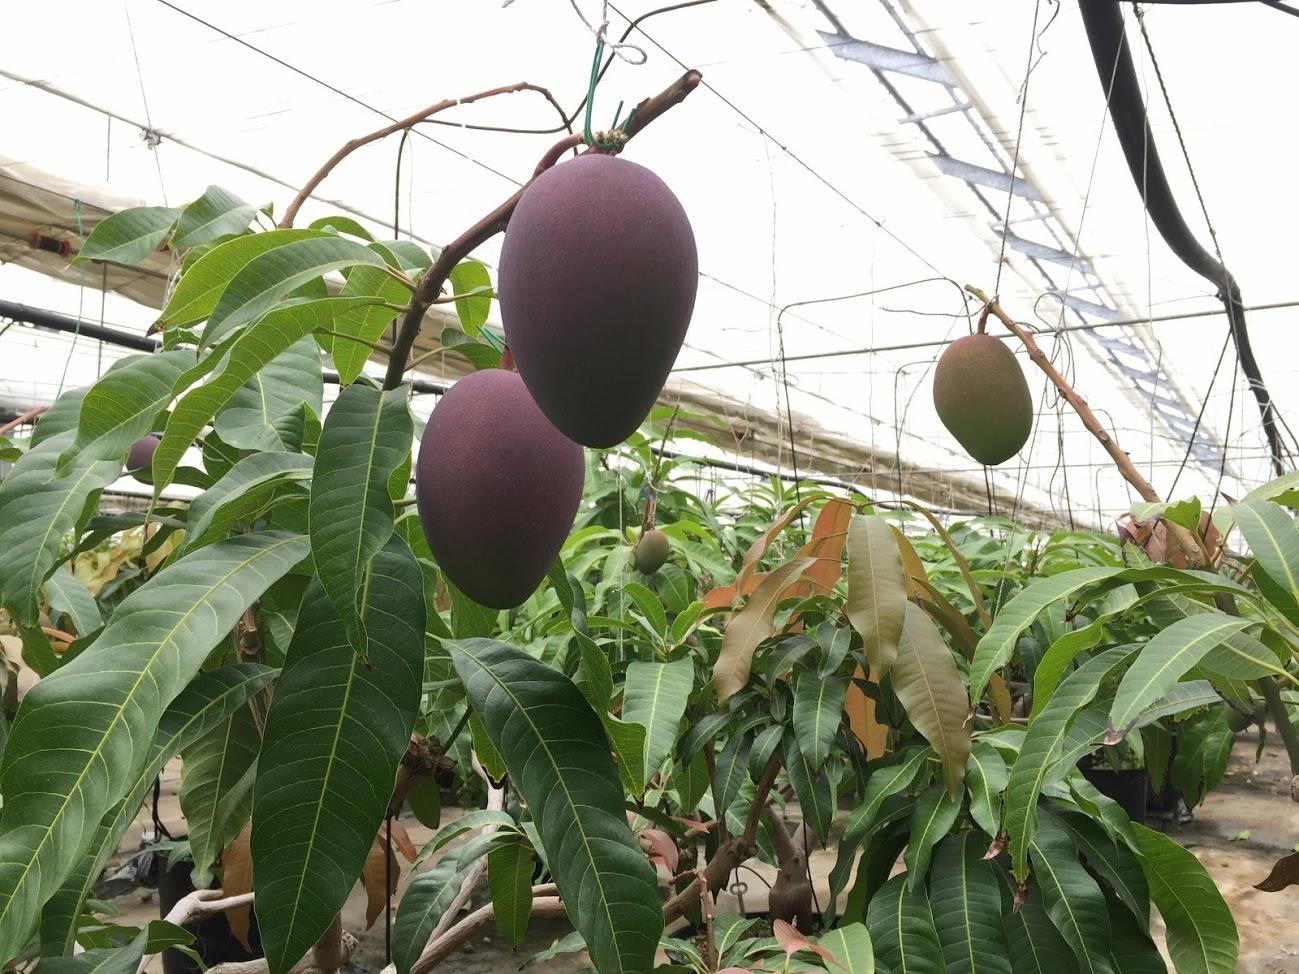 マンゴー今年も収穫できそうです(^^♪_f0236594_17451777.jpg